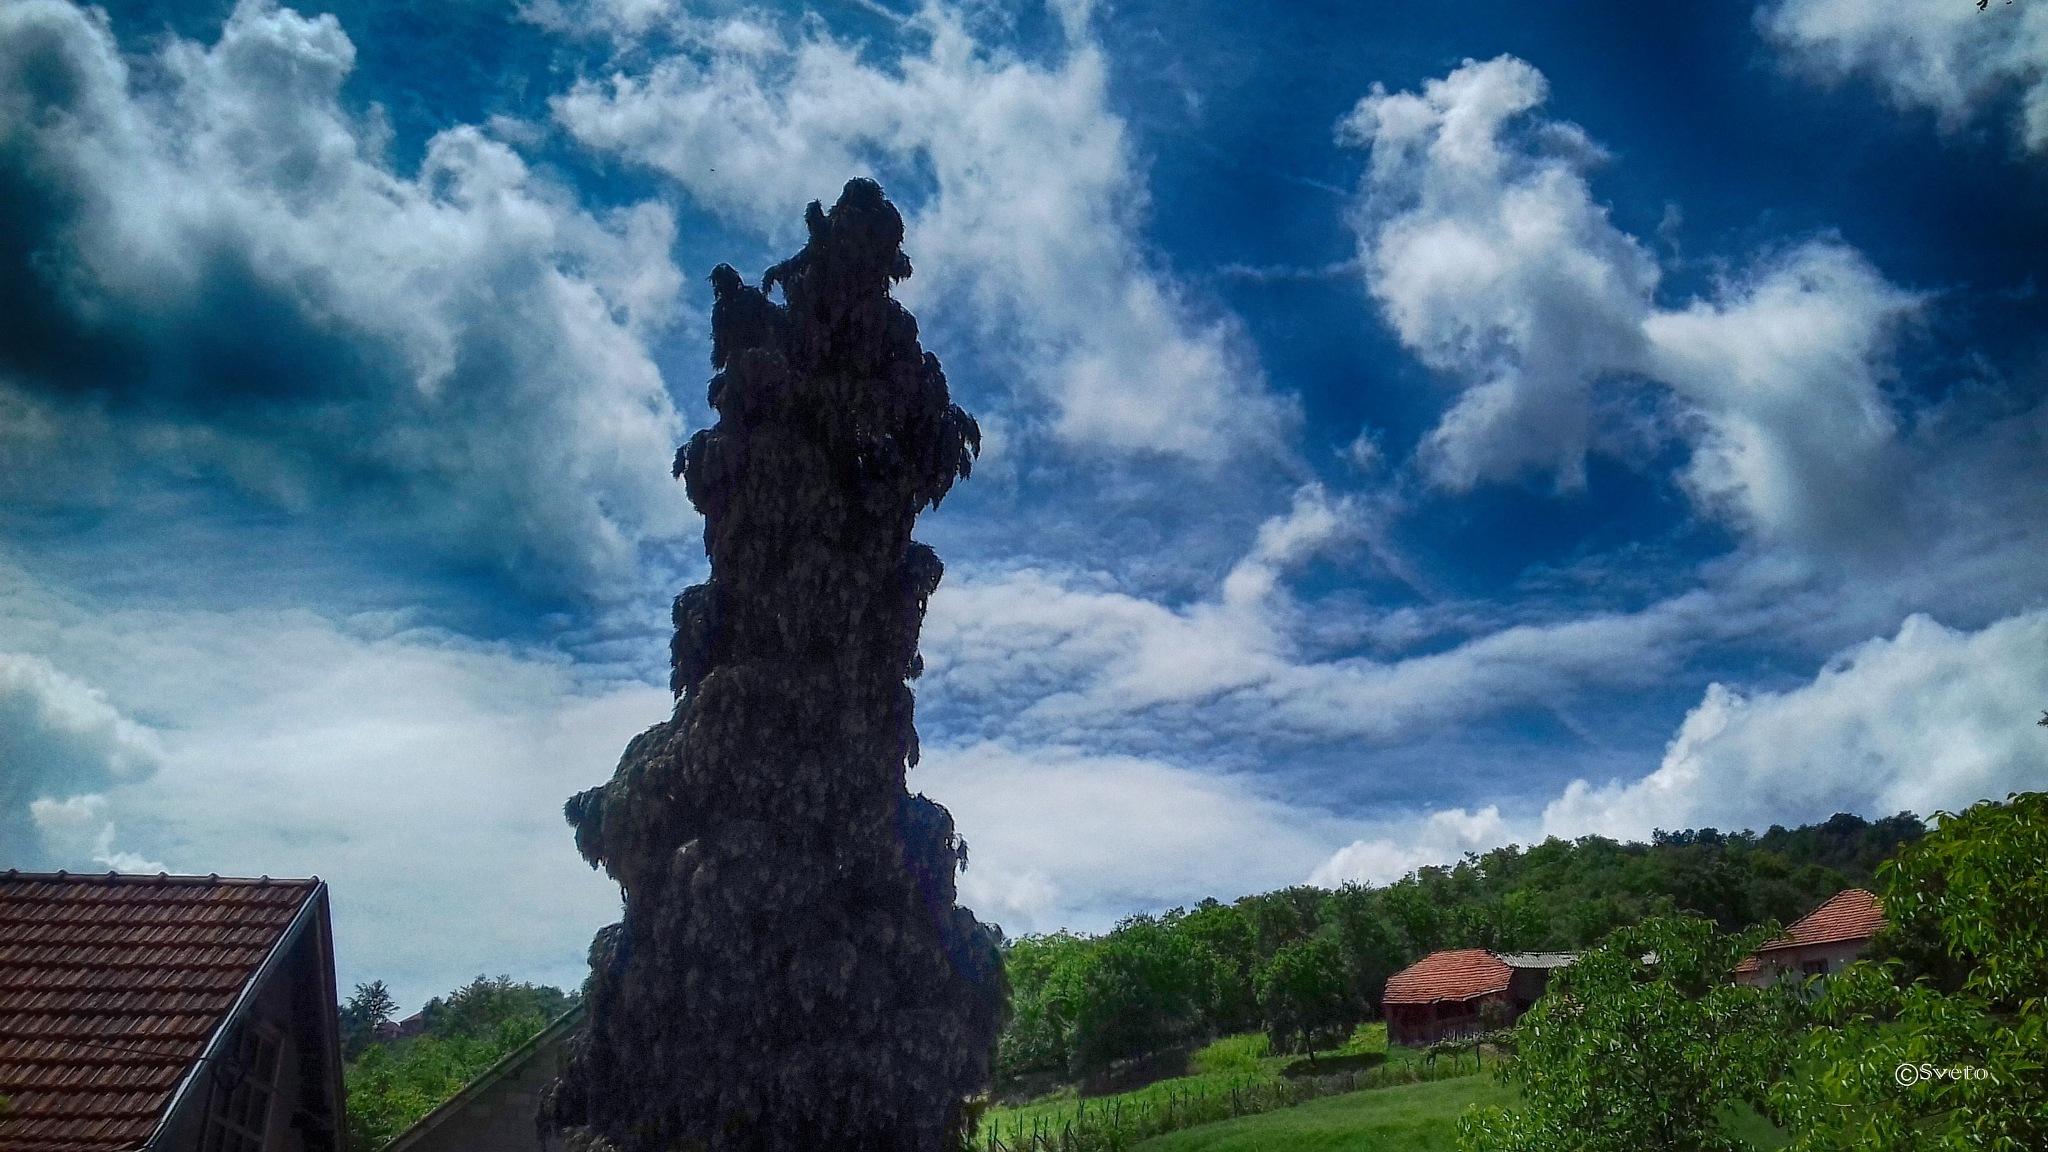 Јелова Гора, Србија  by stevsveto